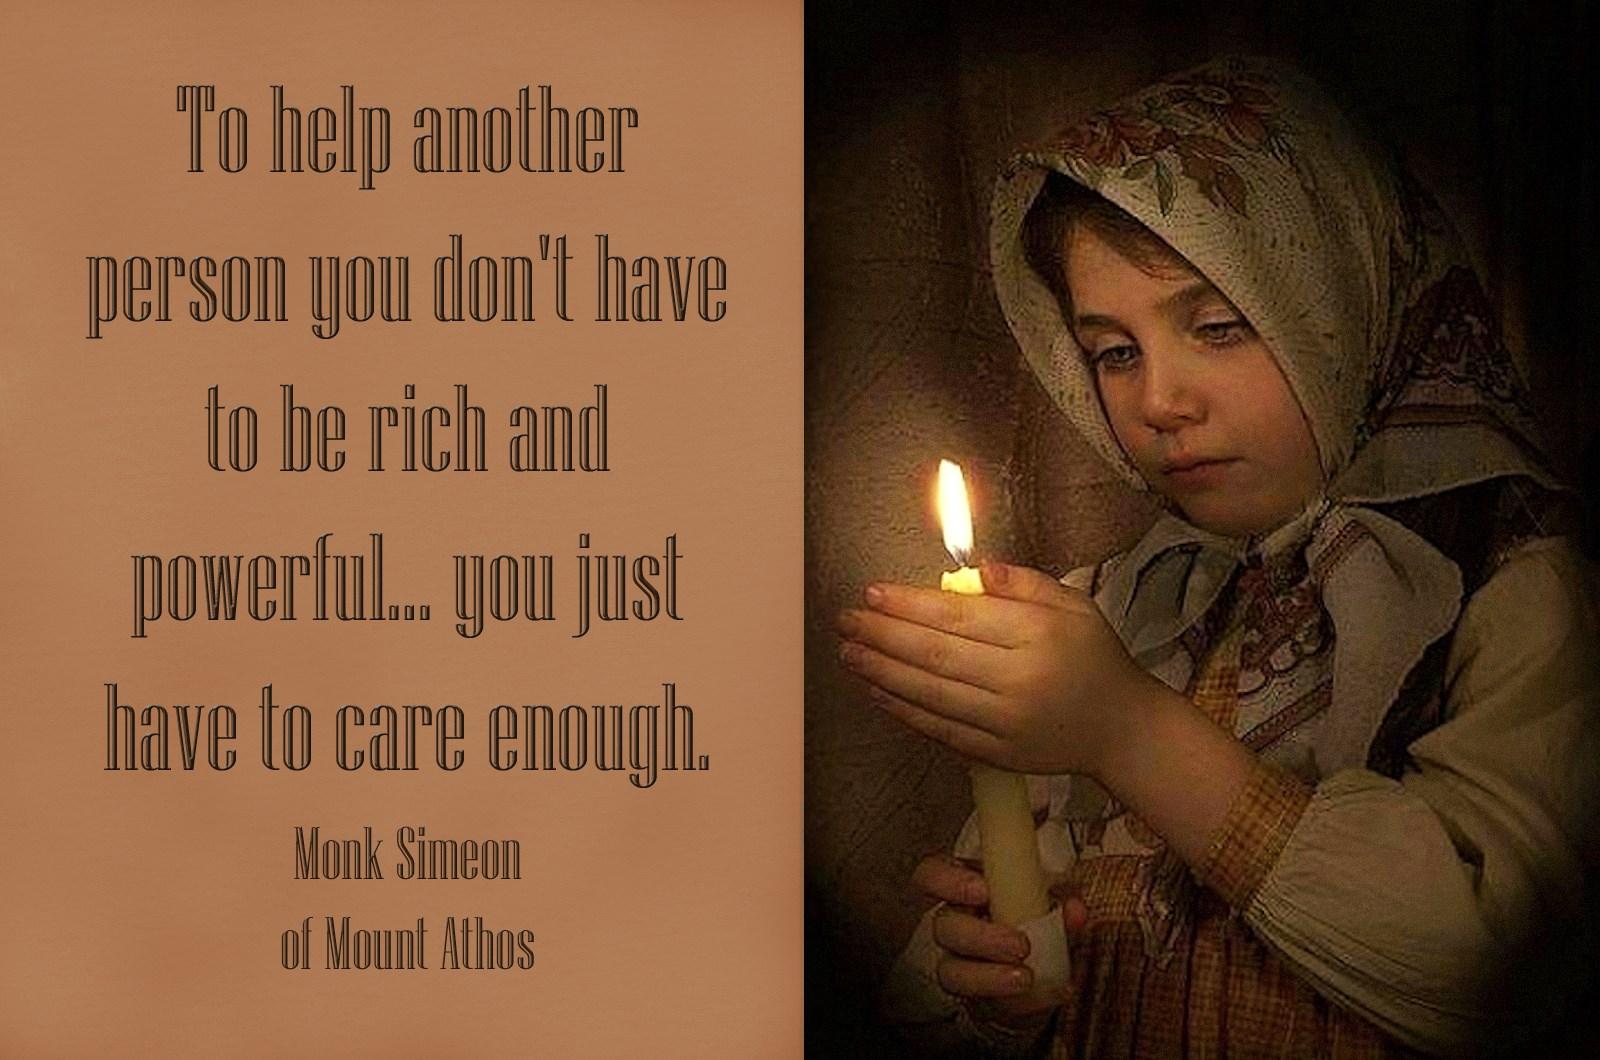 00 little girl monk simeon. 010815